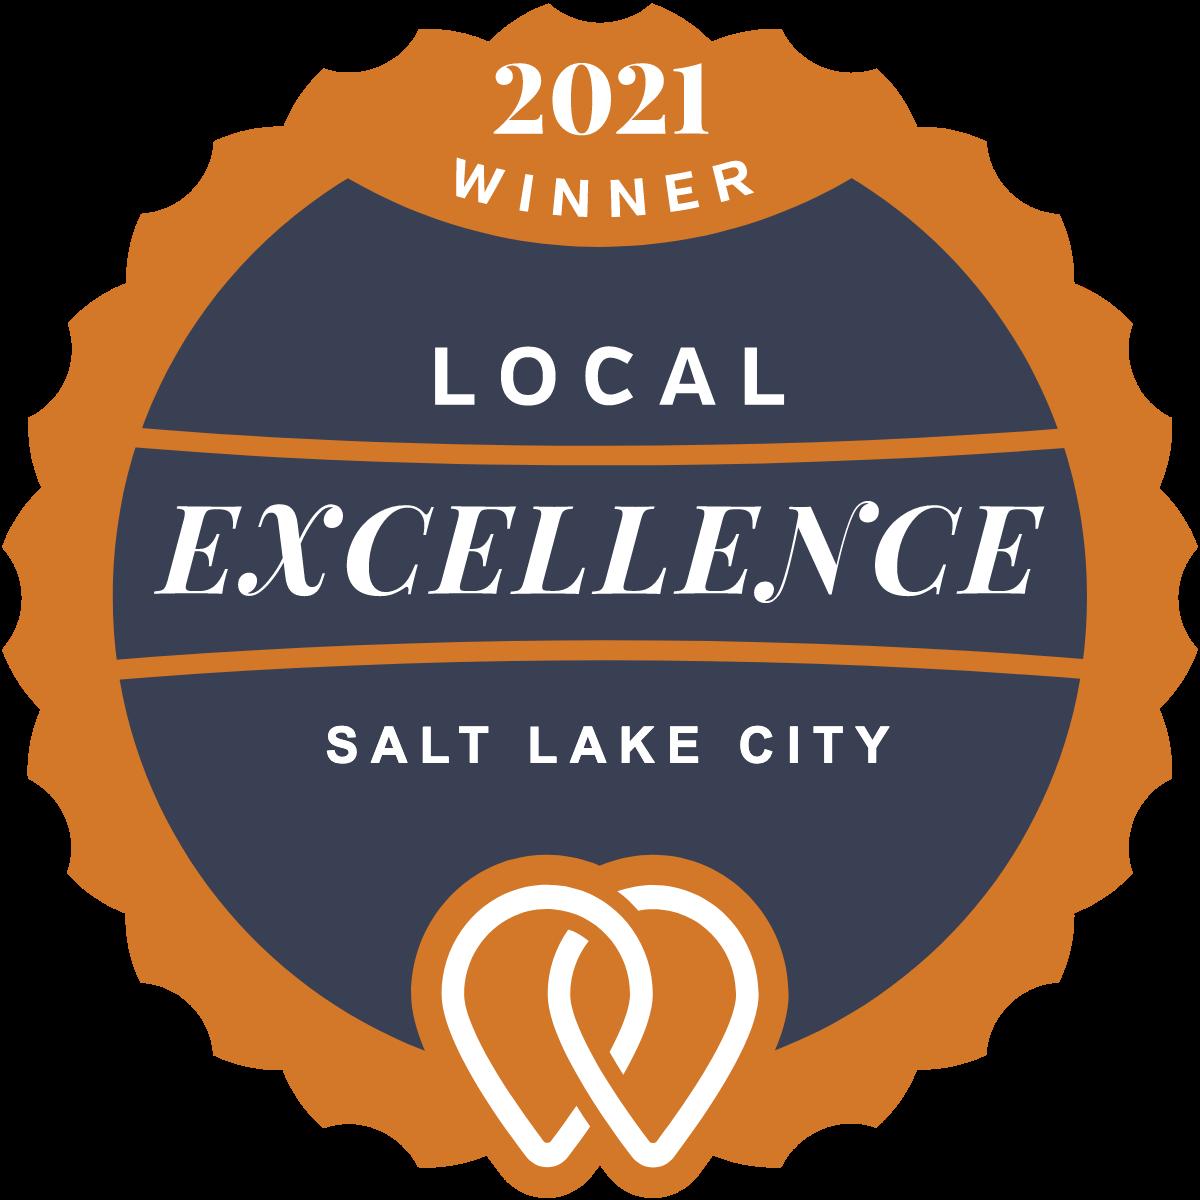 2021 Local Excellence Winner in Salt Lake City, UT